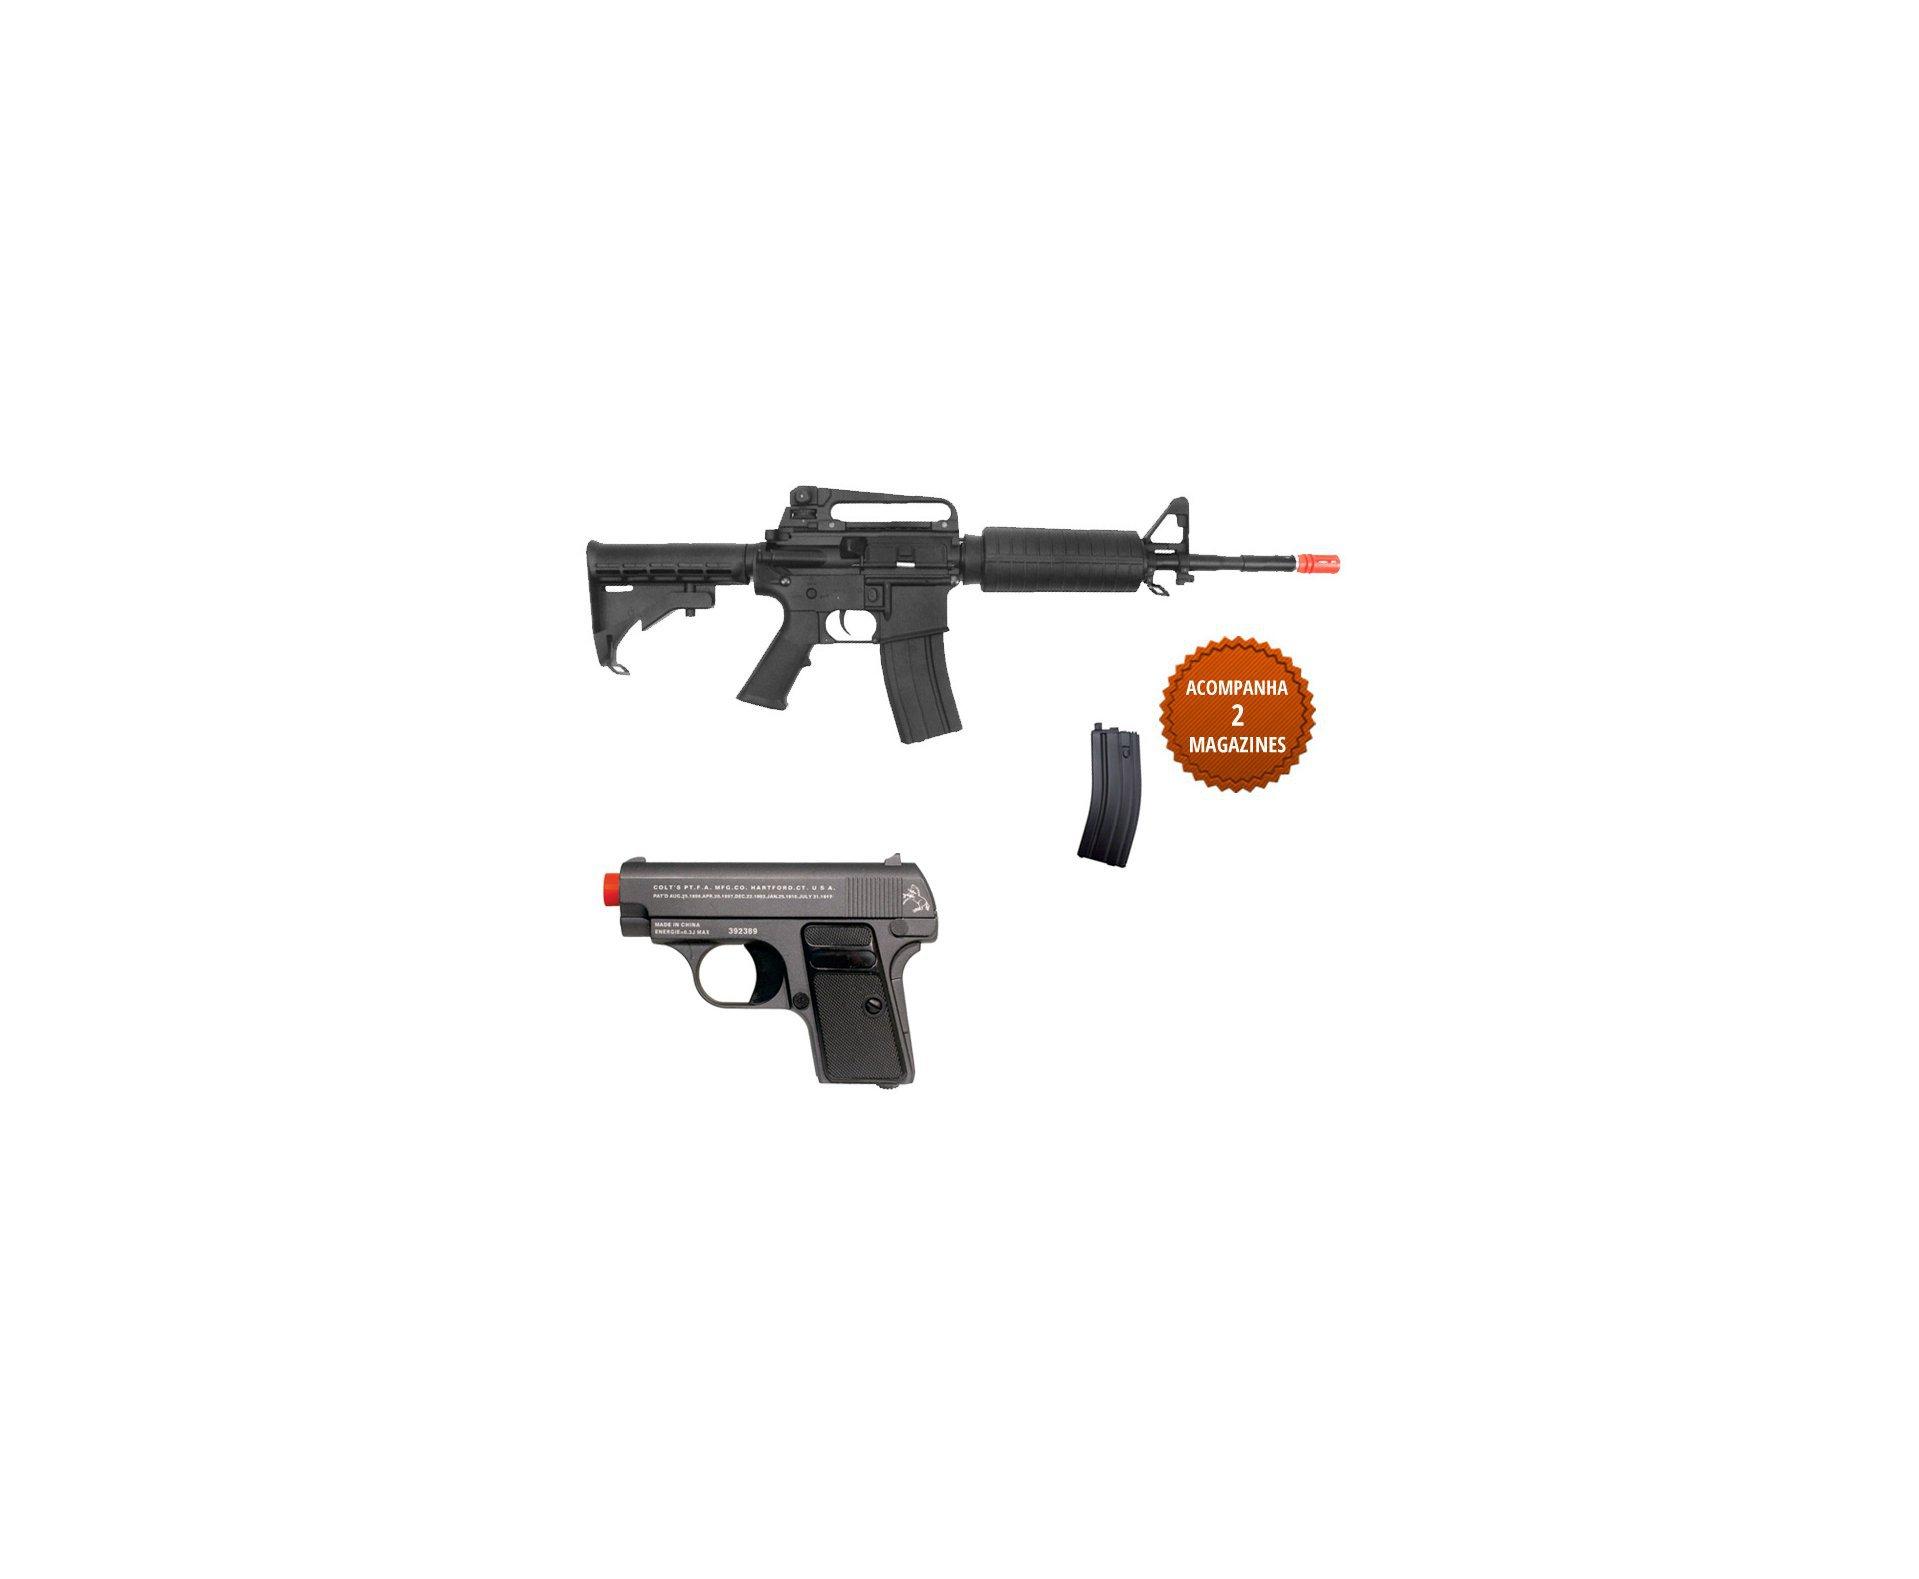 Rifle De Airsoft Colt M4a1 Carbine - Elétrico - Cal 6,0 Mm + Pistola Colt 25